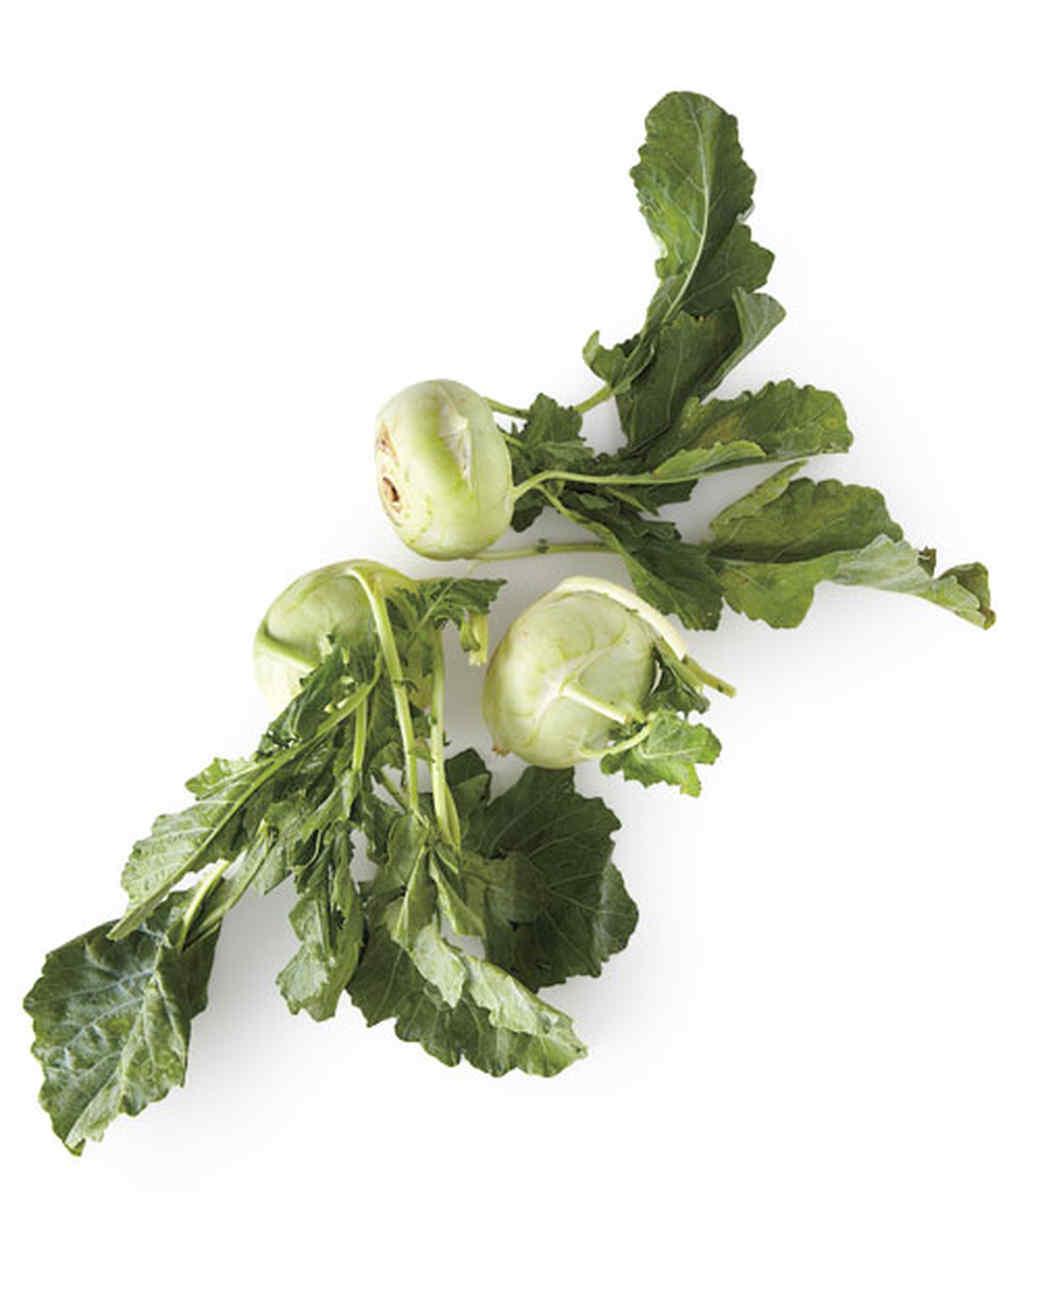 celery-root-0411mbd107120.jpg